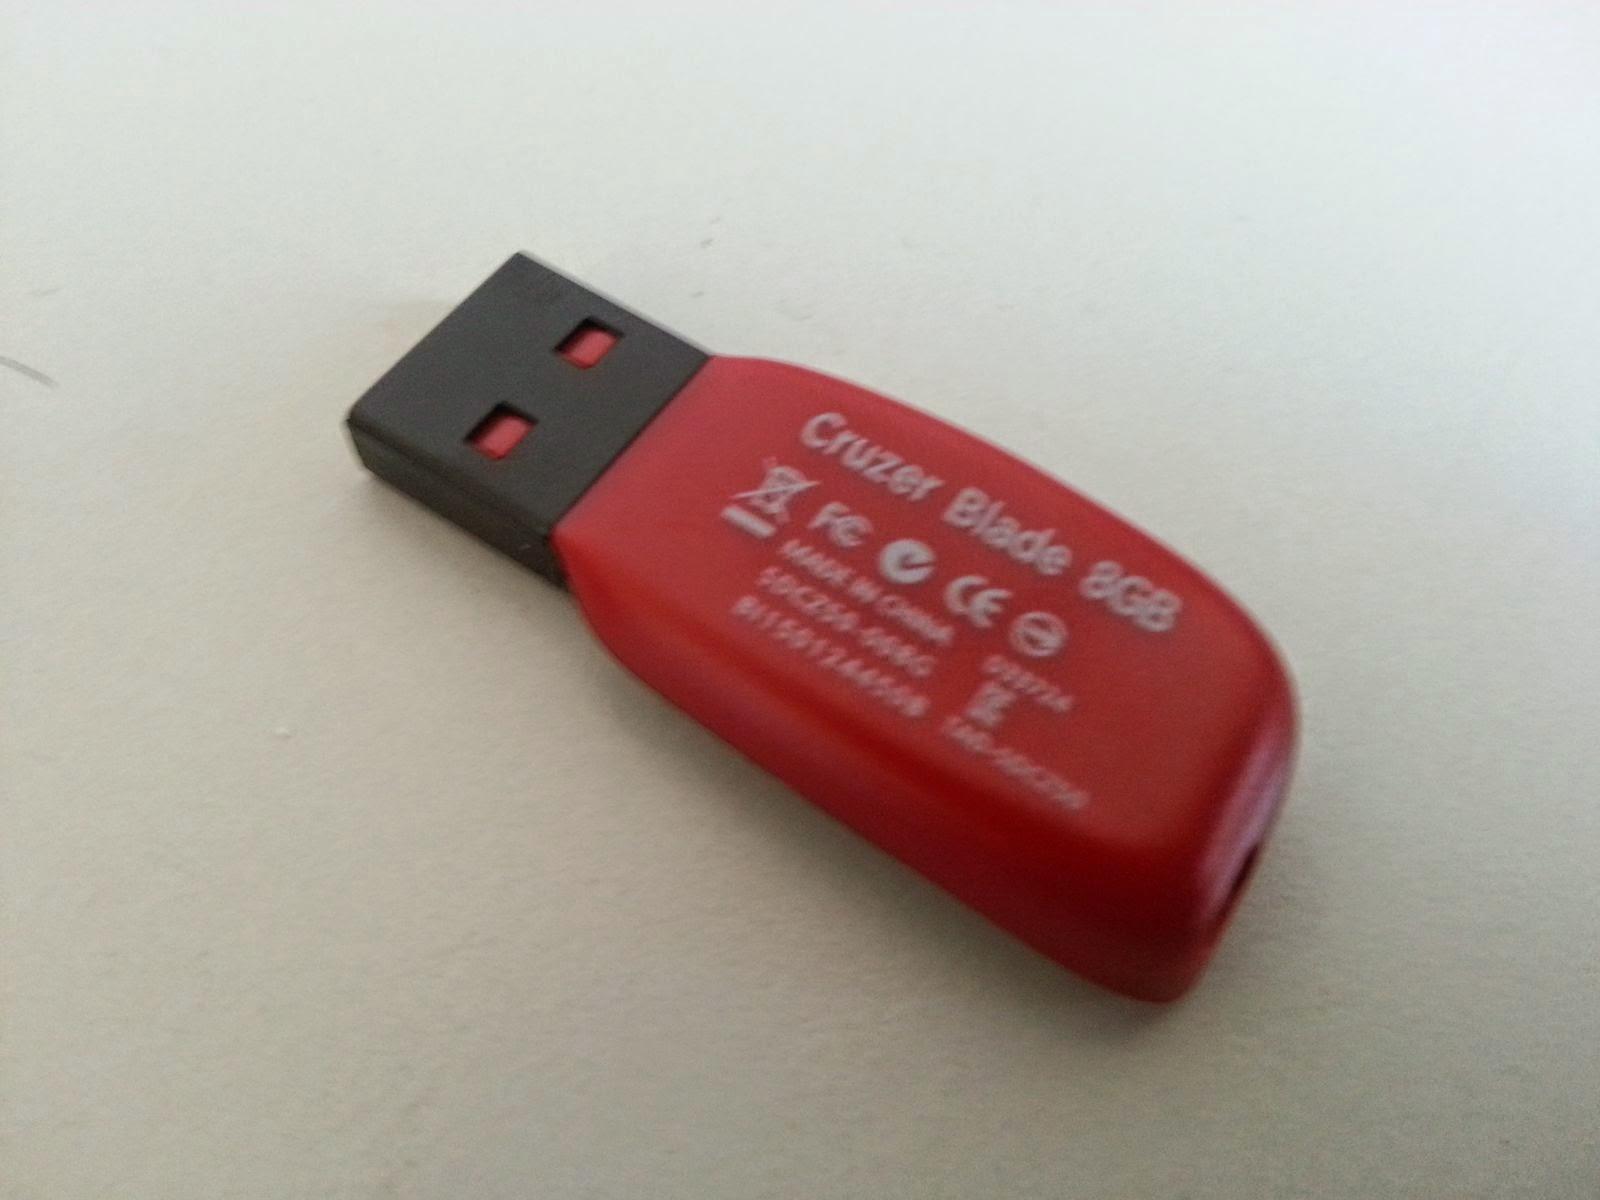 샌디스크 USB 메모리  Cruzer Blade CZ50 사용후기